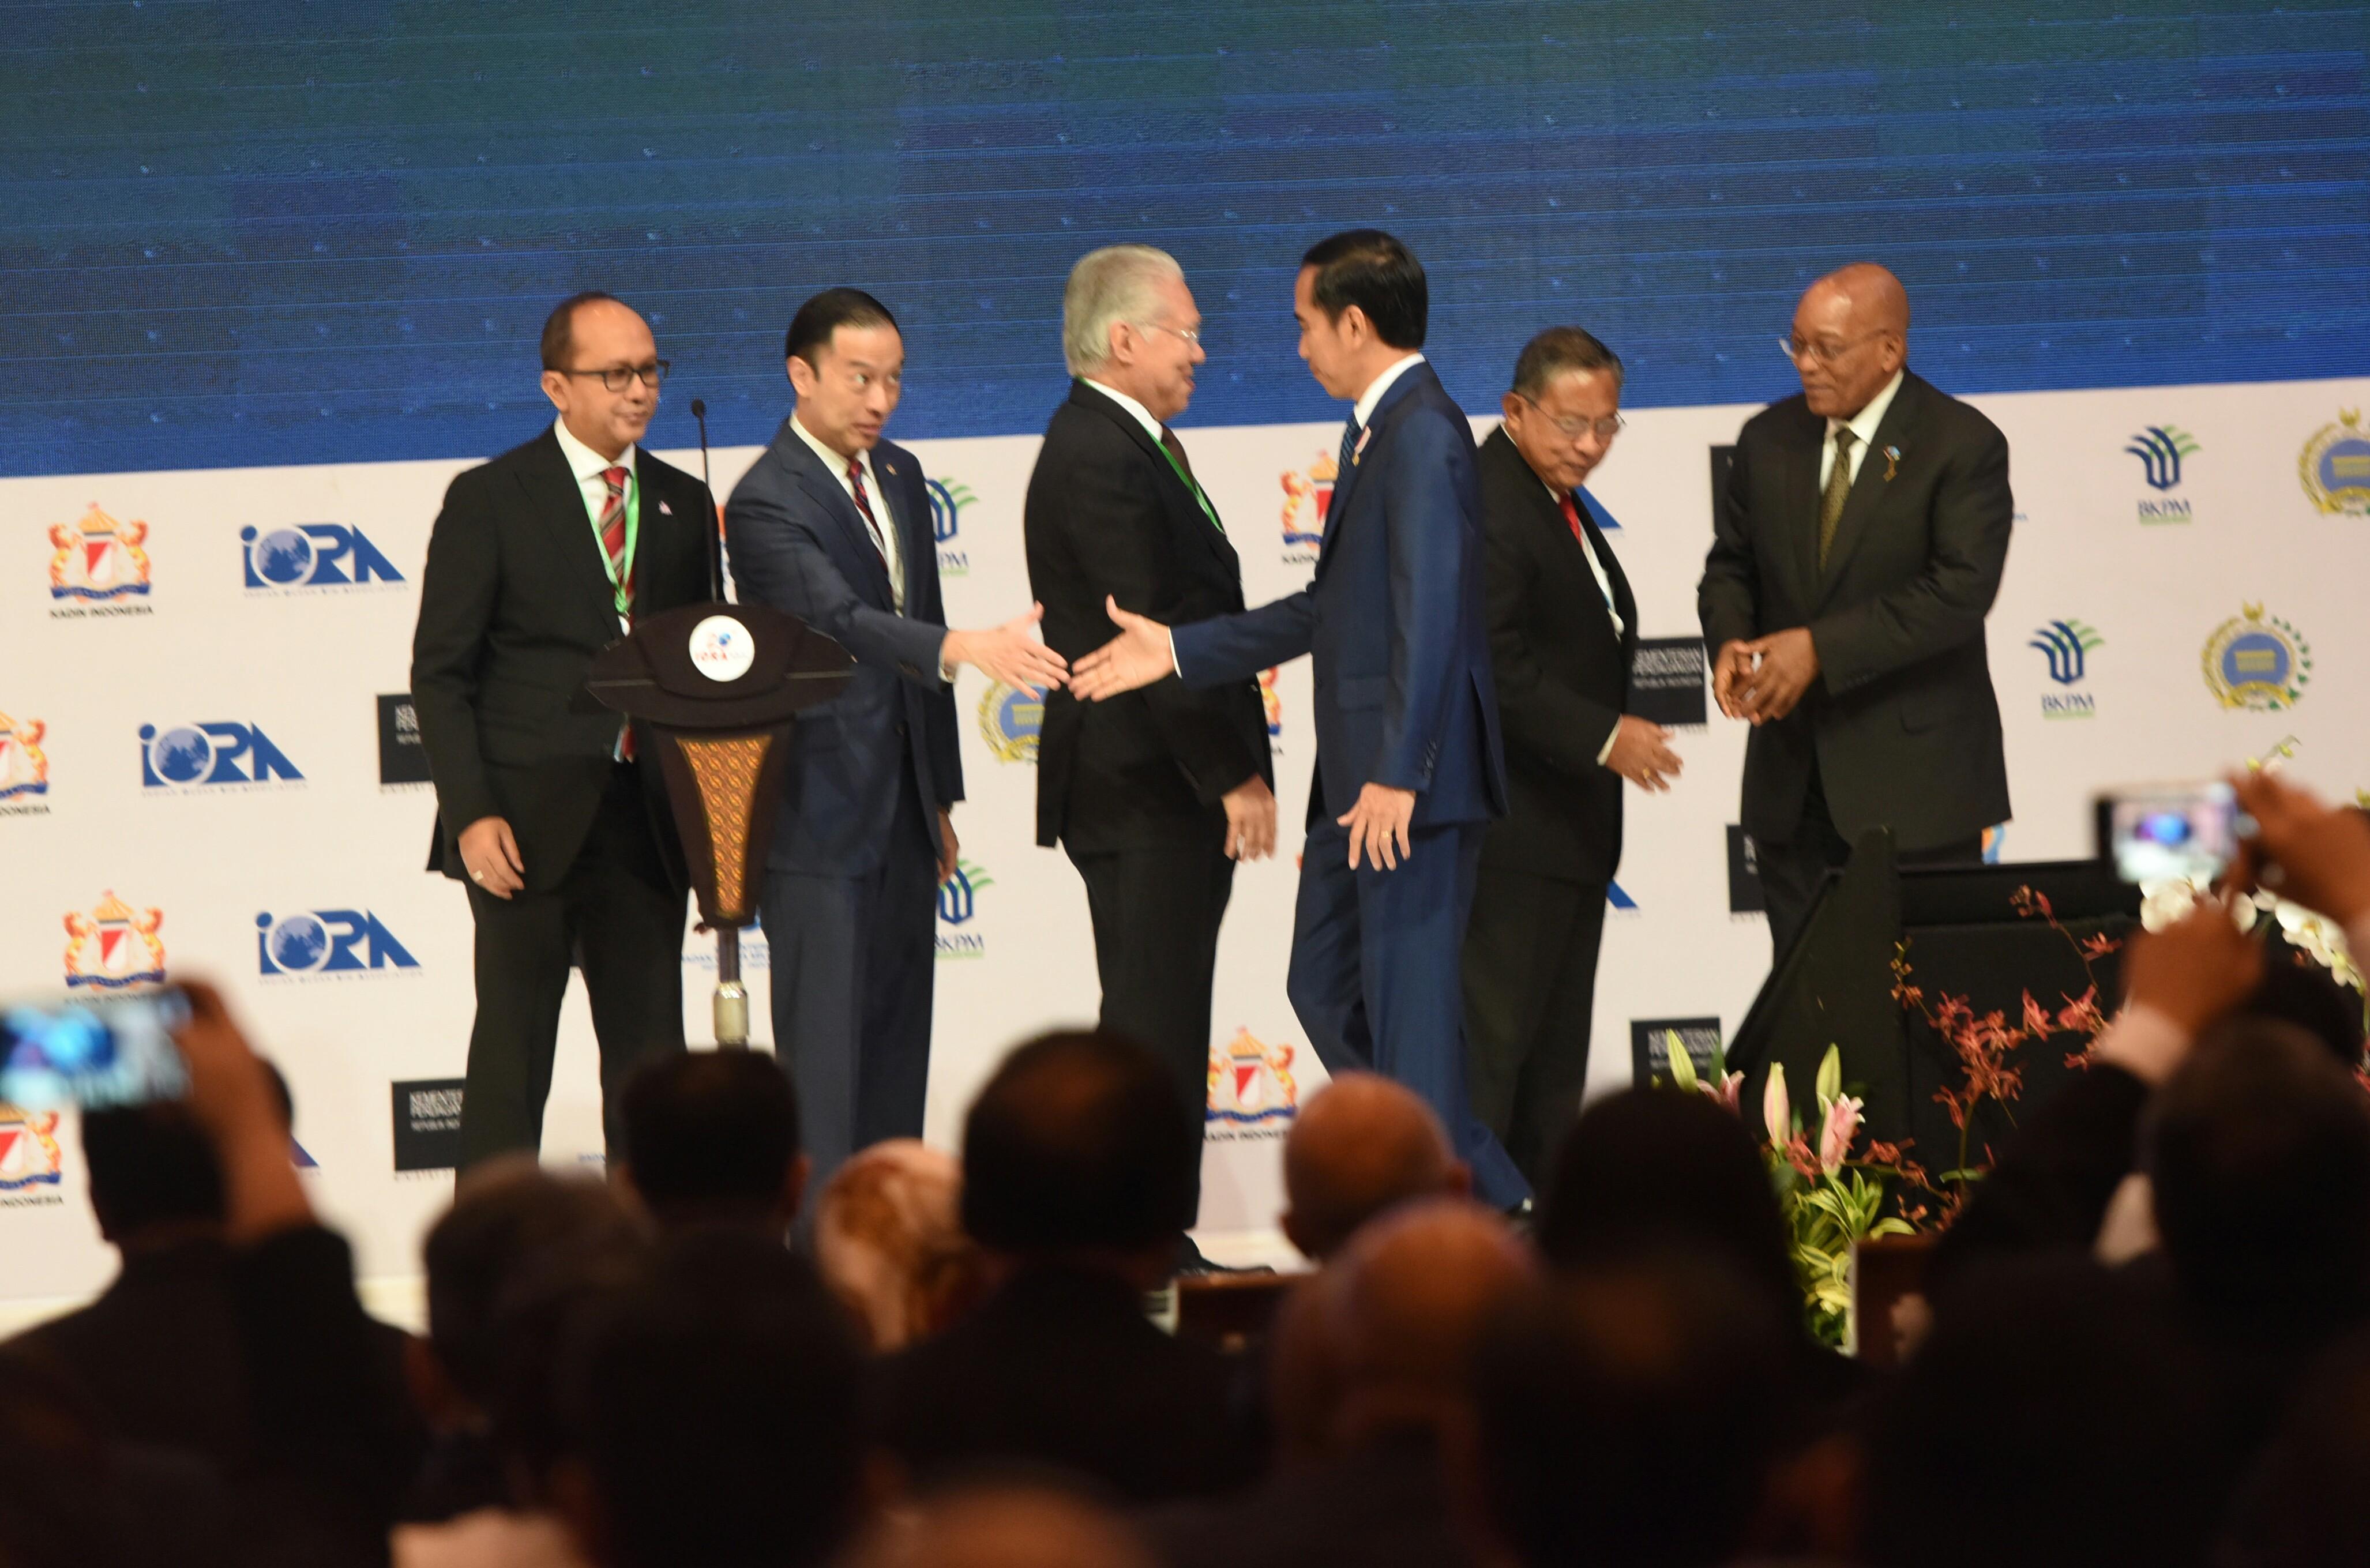 Presiden Jokowi memberikan ucapan selamat kepada sejumlah pihak usai memberikan sambutan pada pembukaan Business Summit IORA, di JCC Jakarta, Senin (6/3) siang. (Foto: Rahmat/Humas)